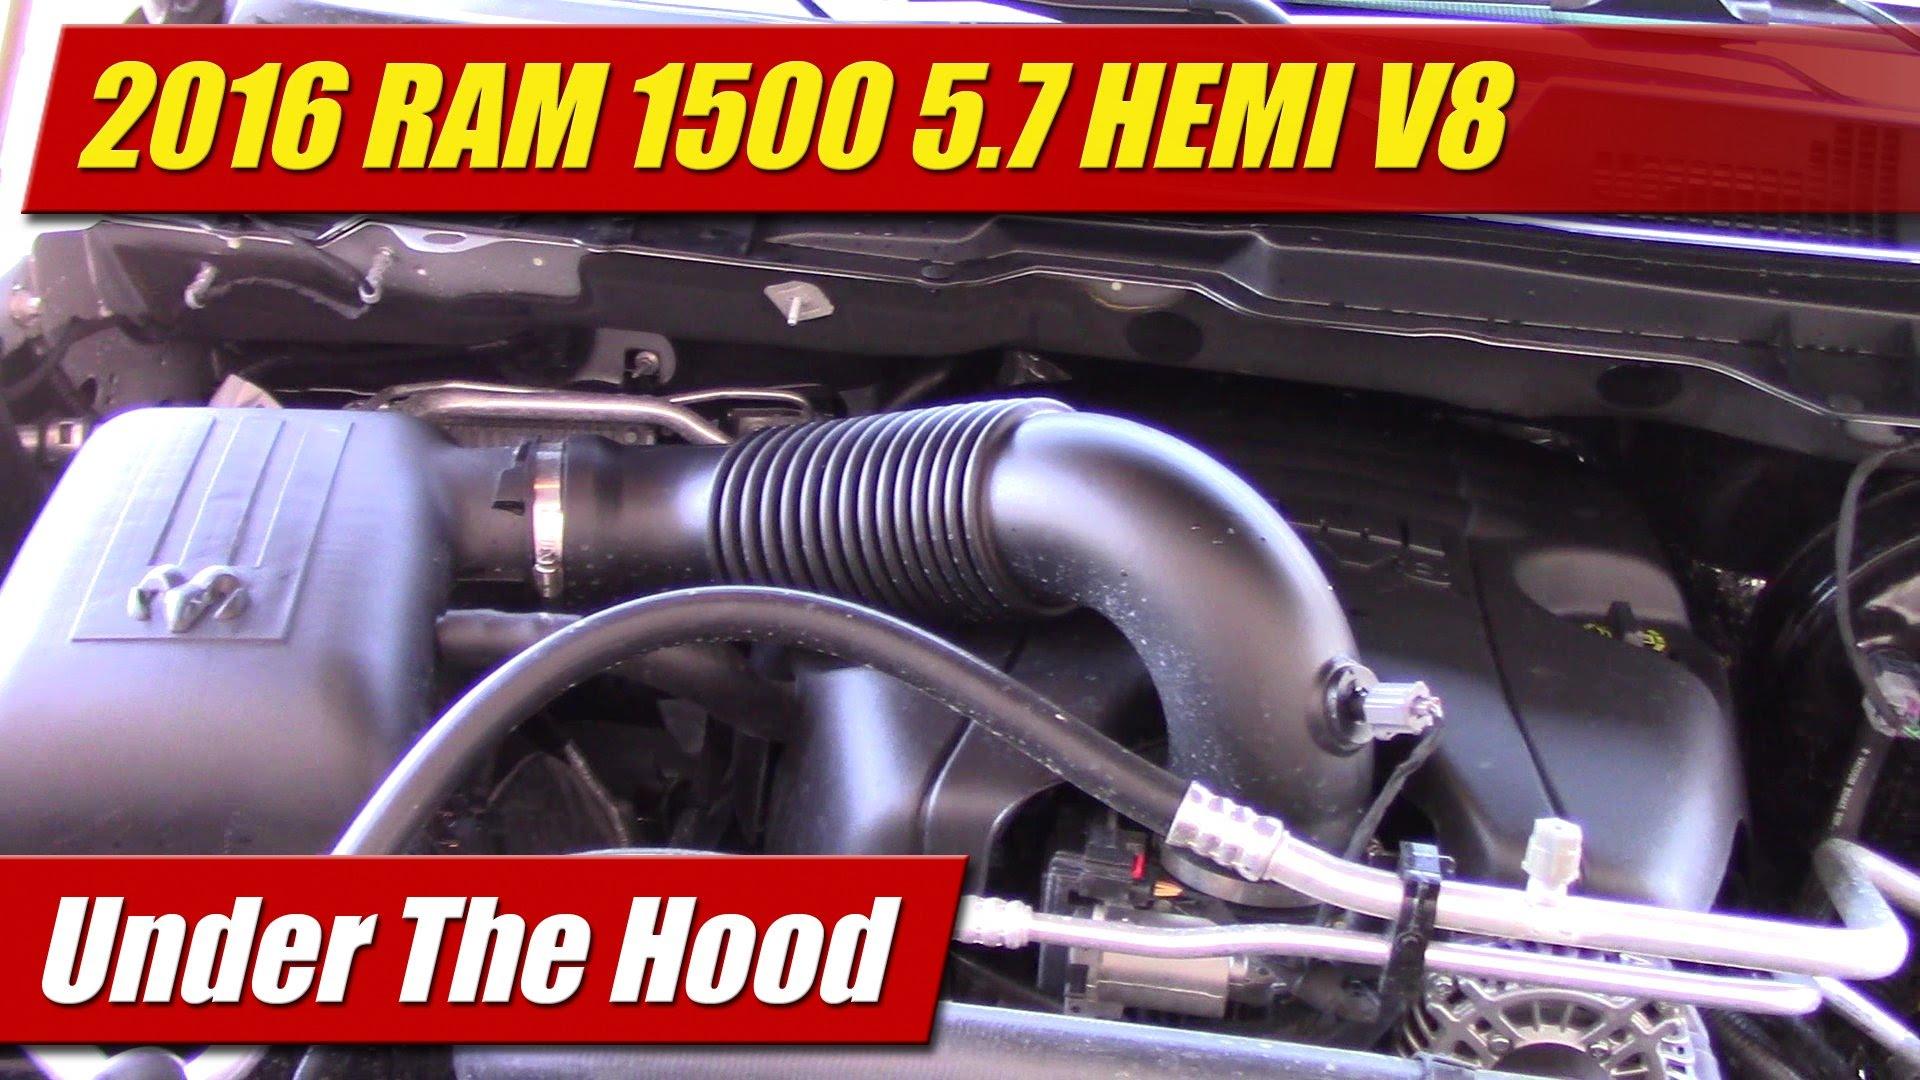 2017 dodge ram 1500 5.7 hemi oil type